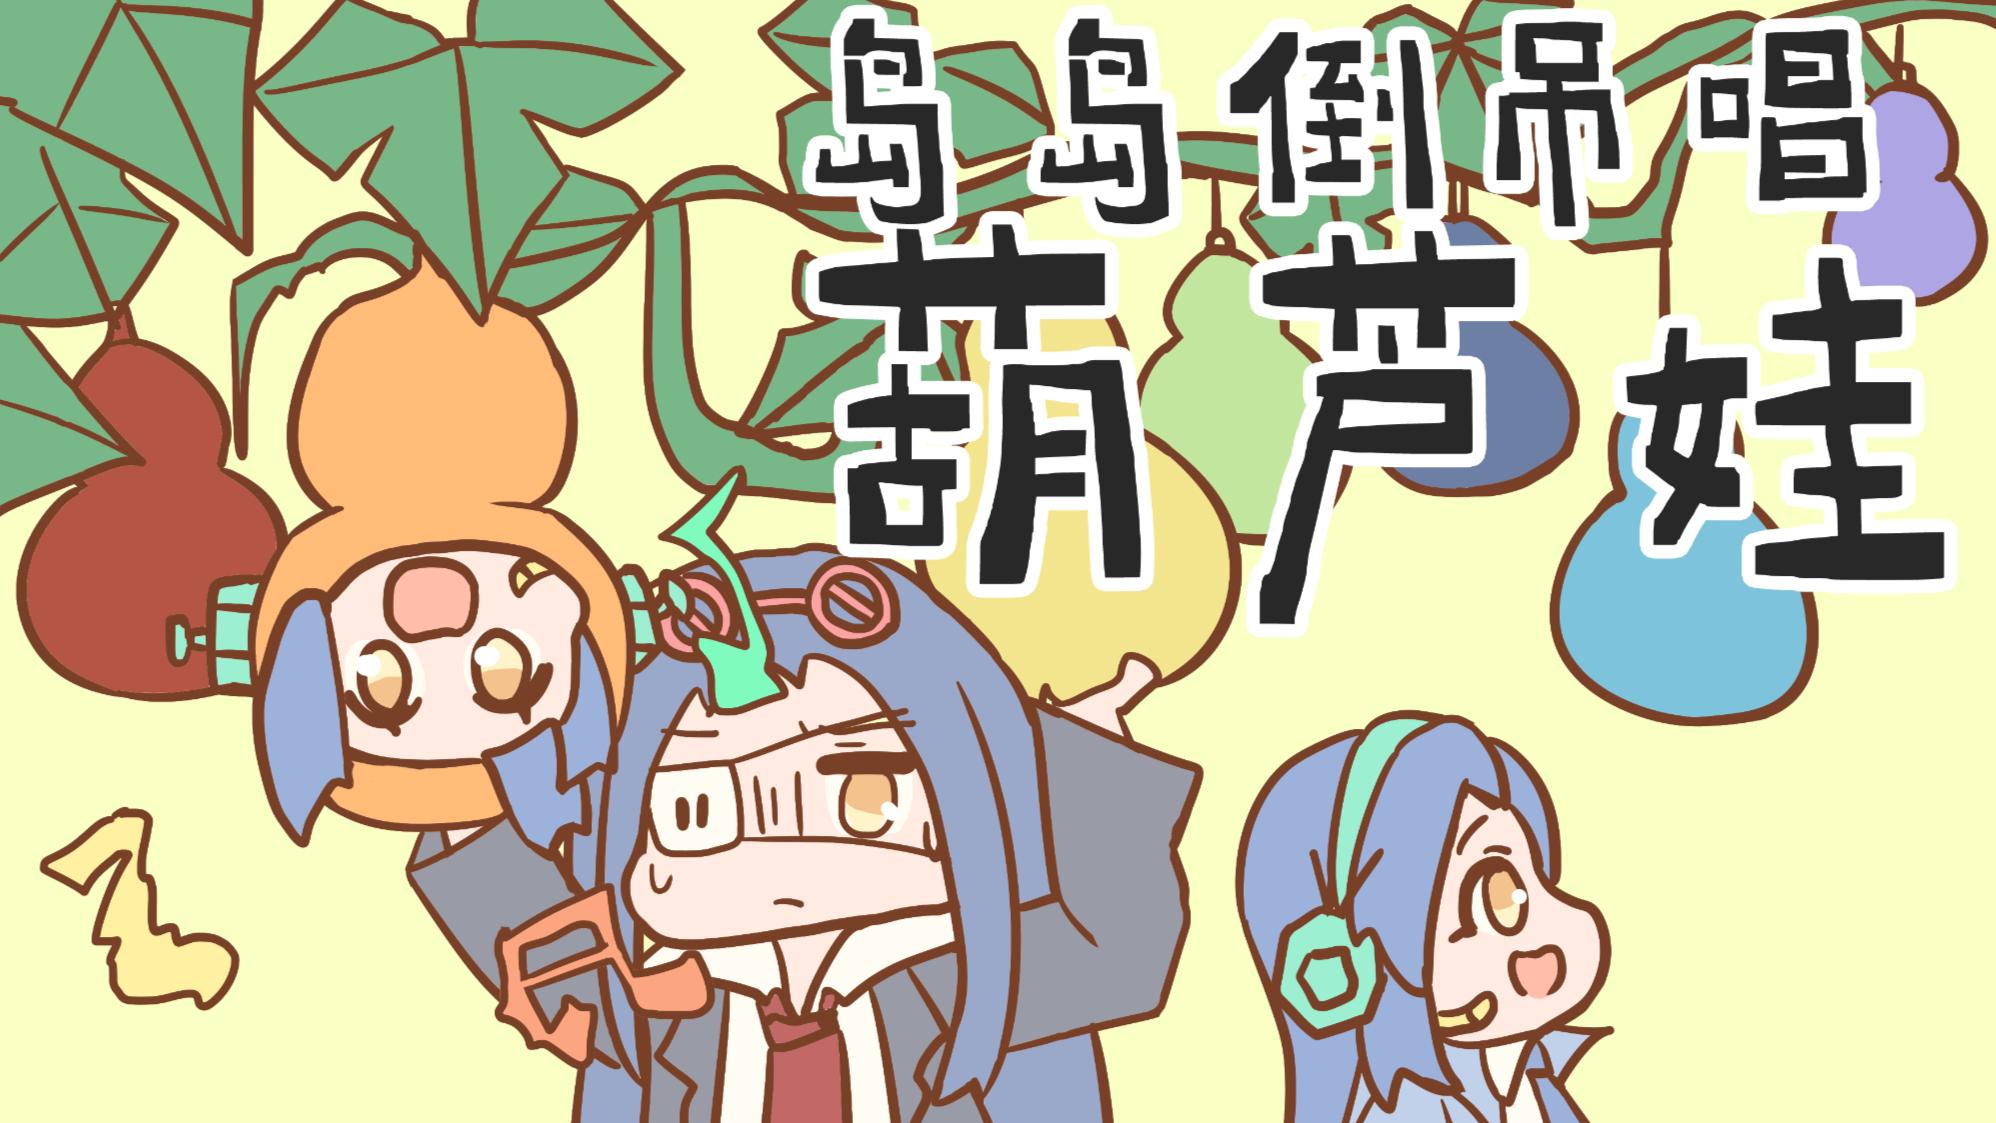 【VUP万圣祭】岛唱葫芦娃【独家】